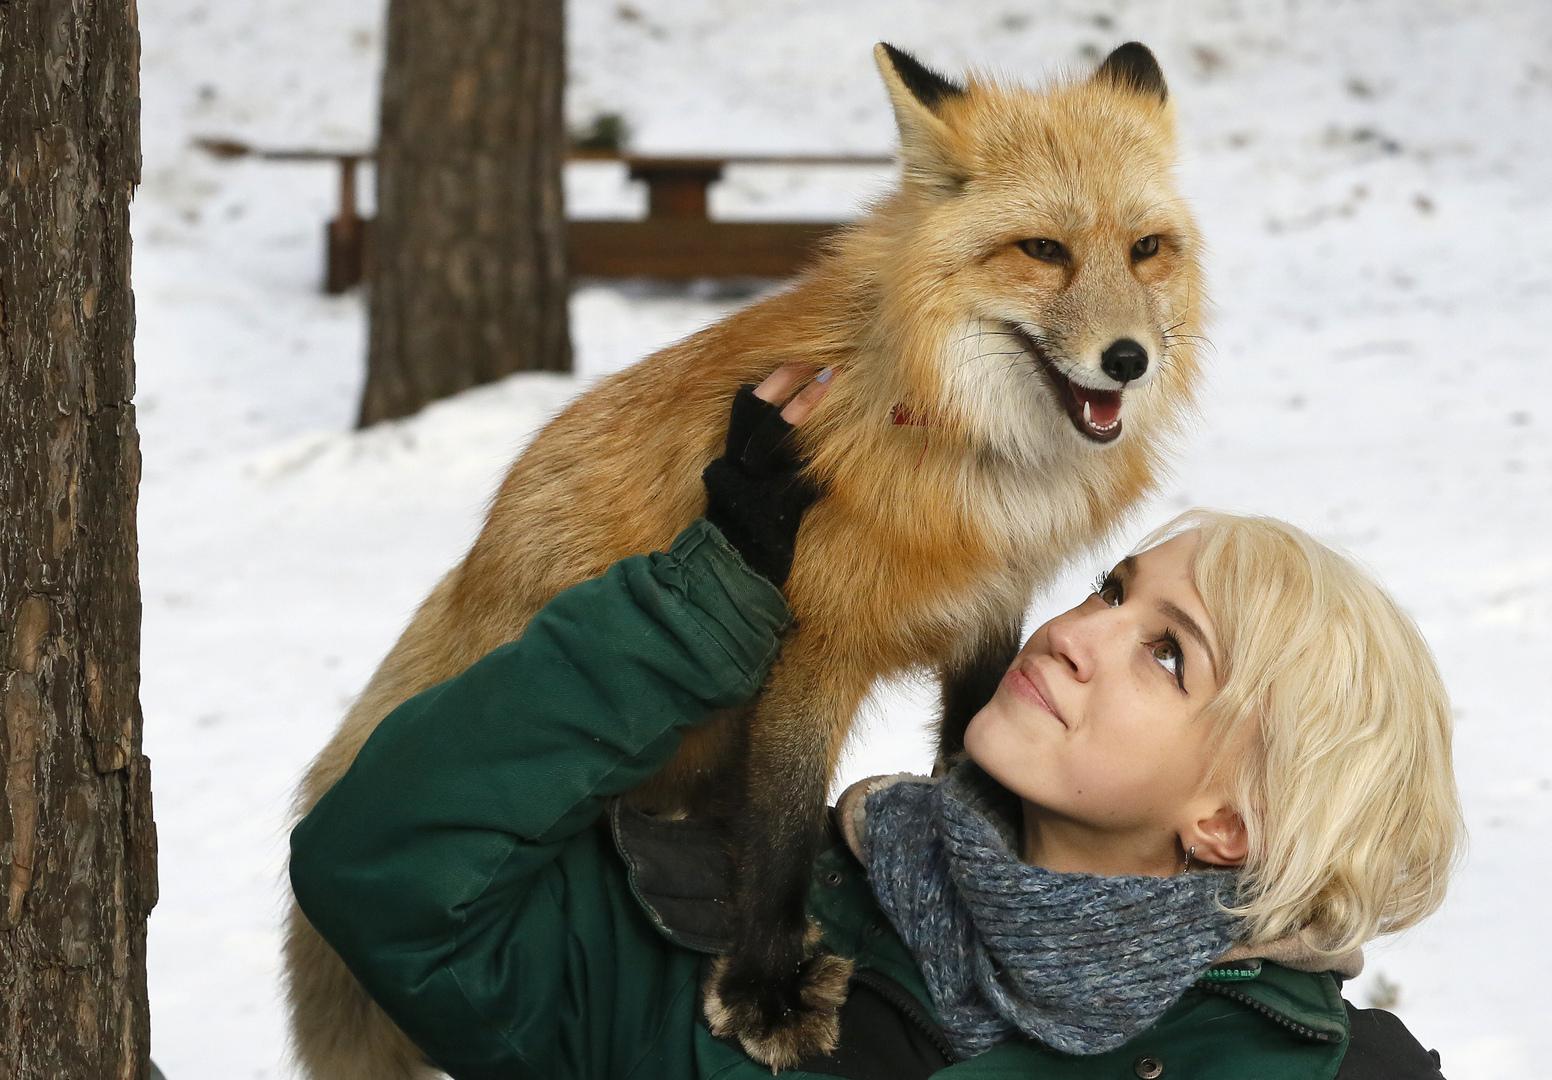 أسباب تدفعك لتجنب تربية الحيوانات البرية في المنزل